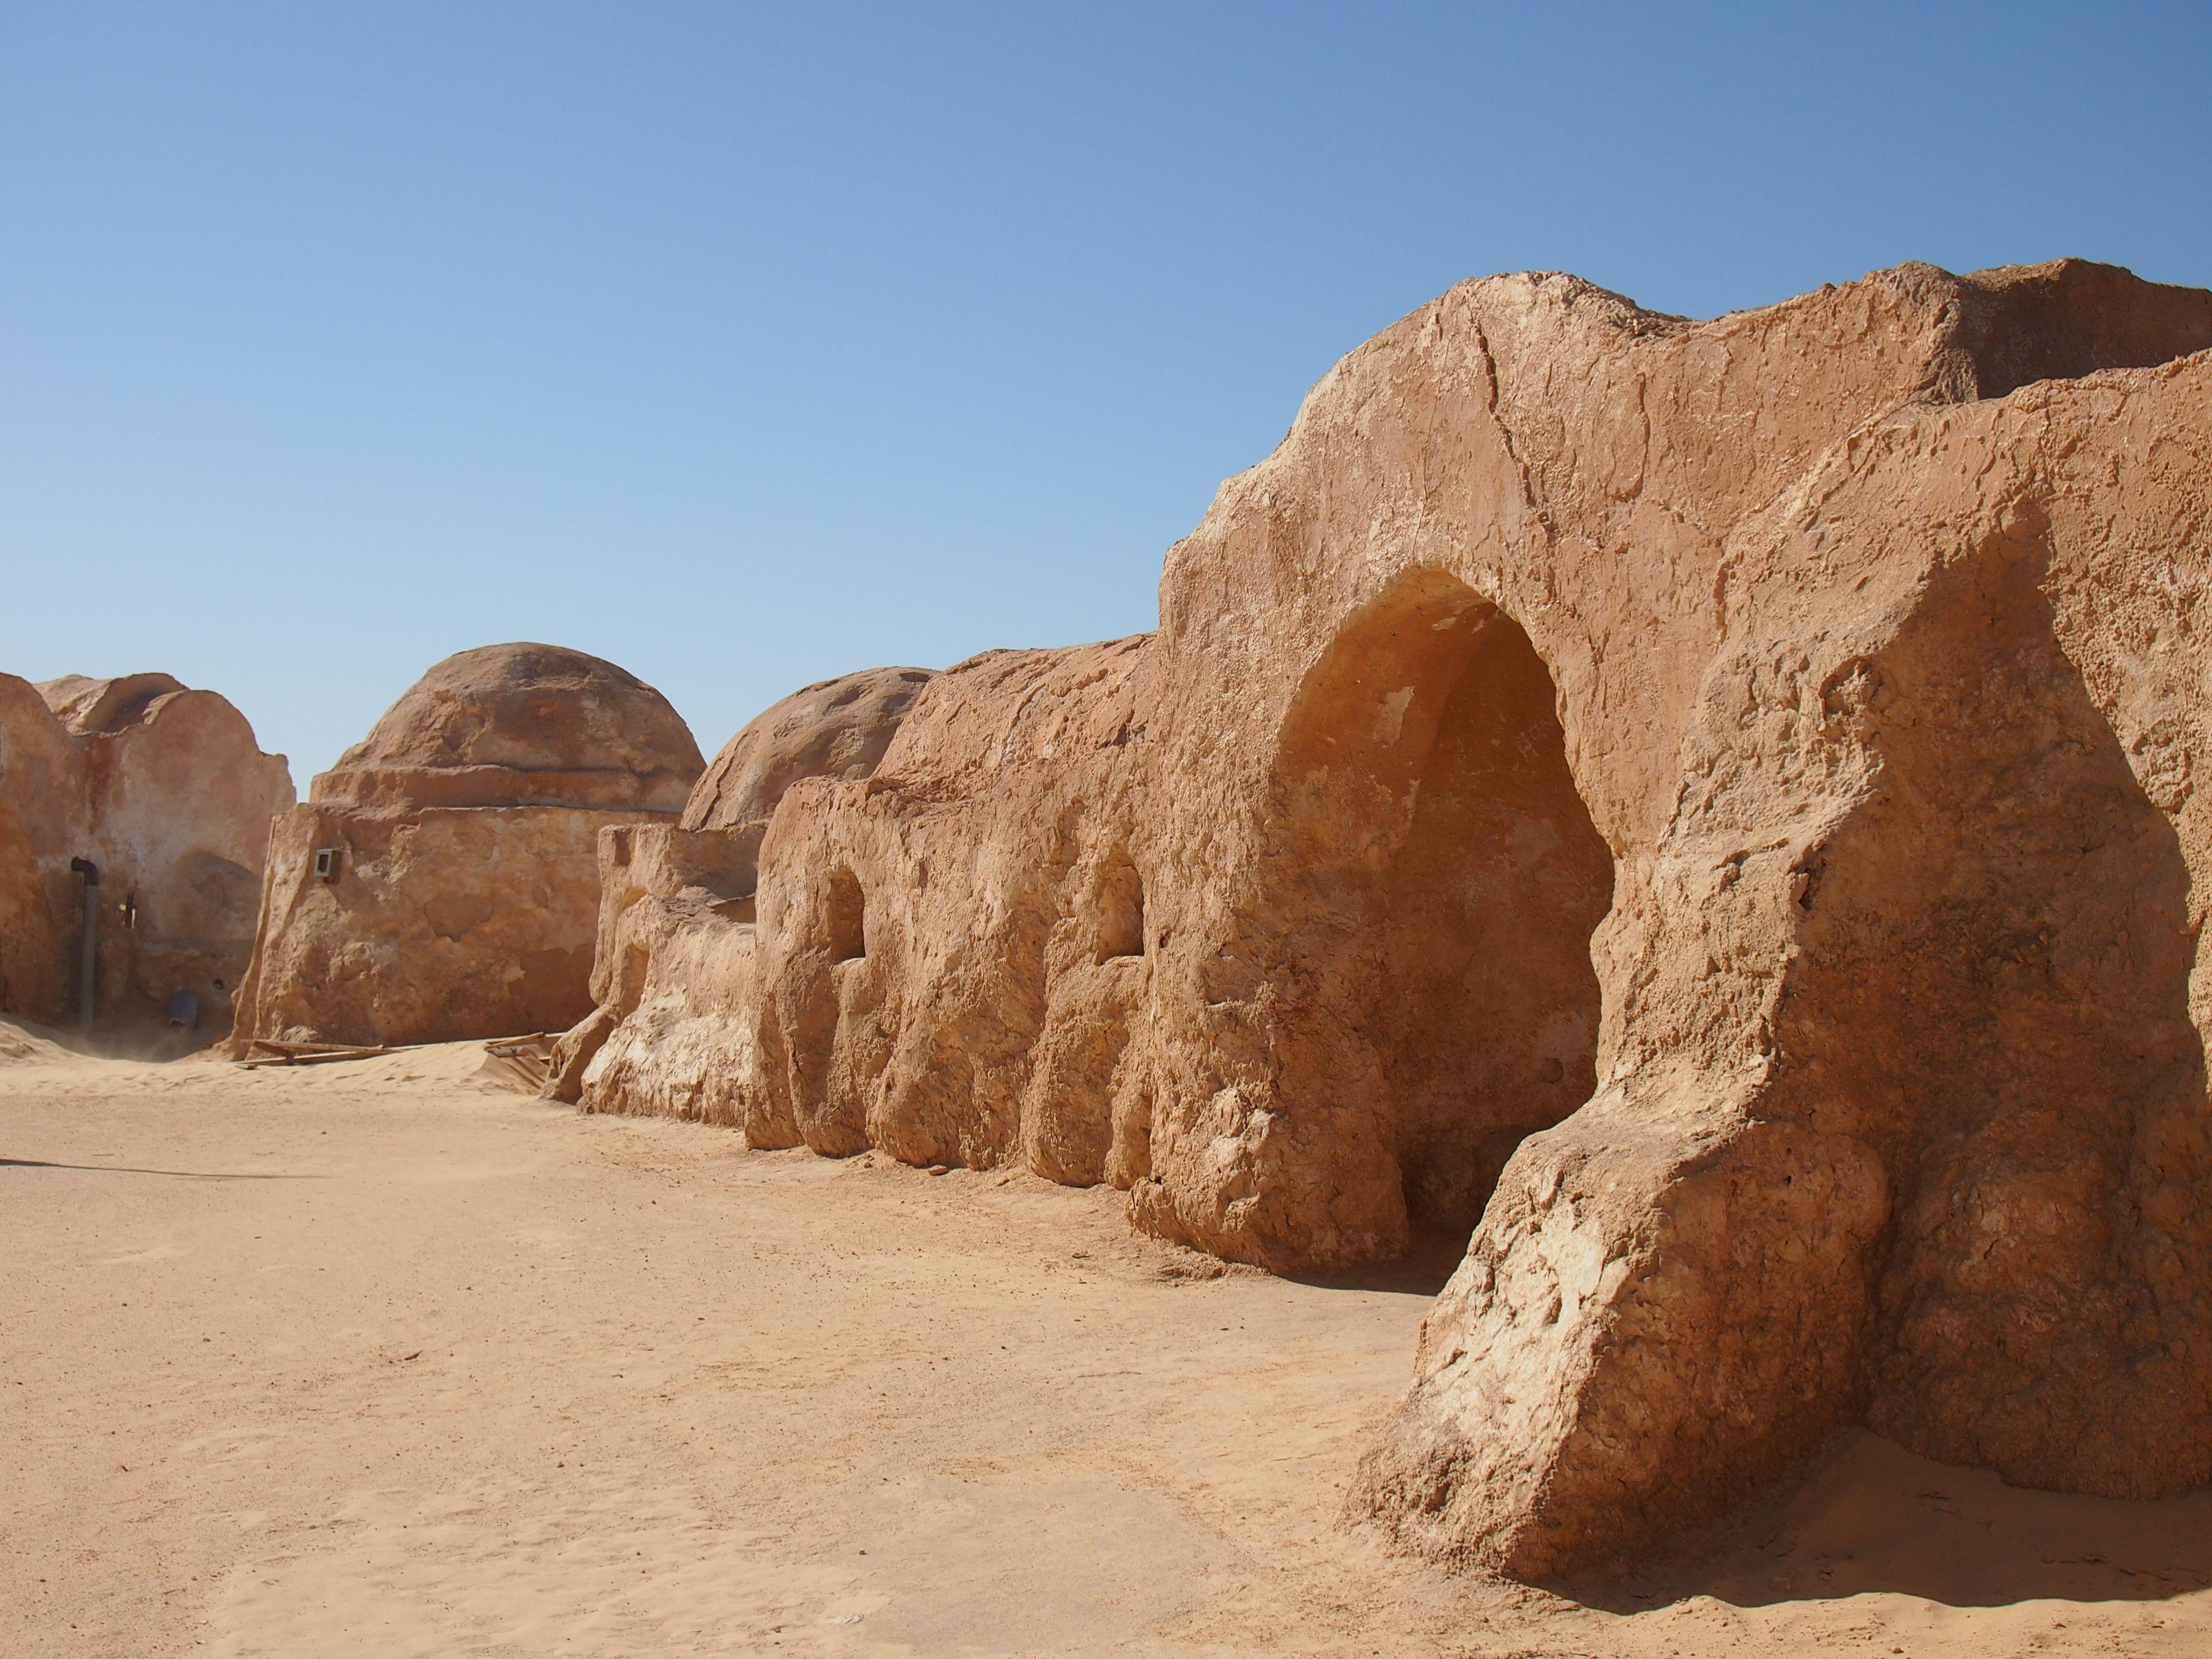 Midden in de Sahara, daar zijn de films van Star Wars opgenomen!